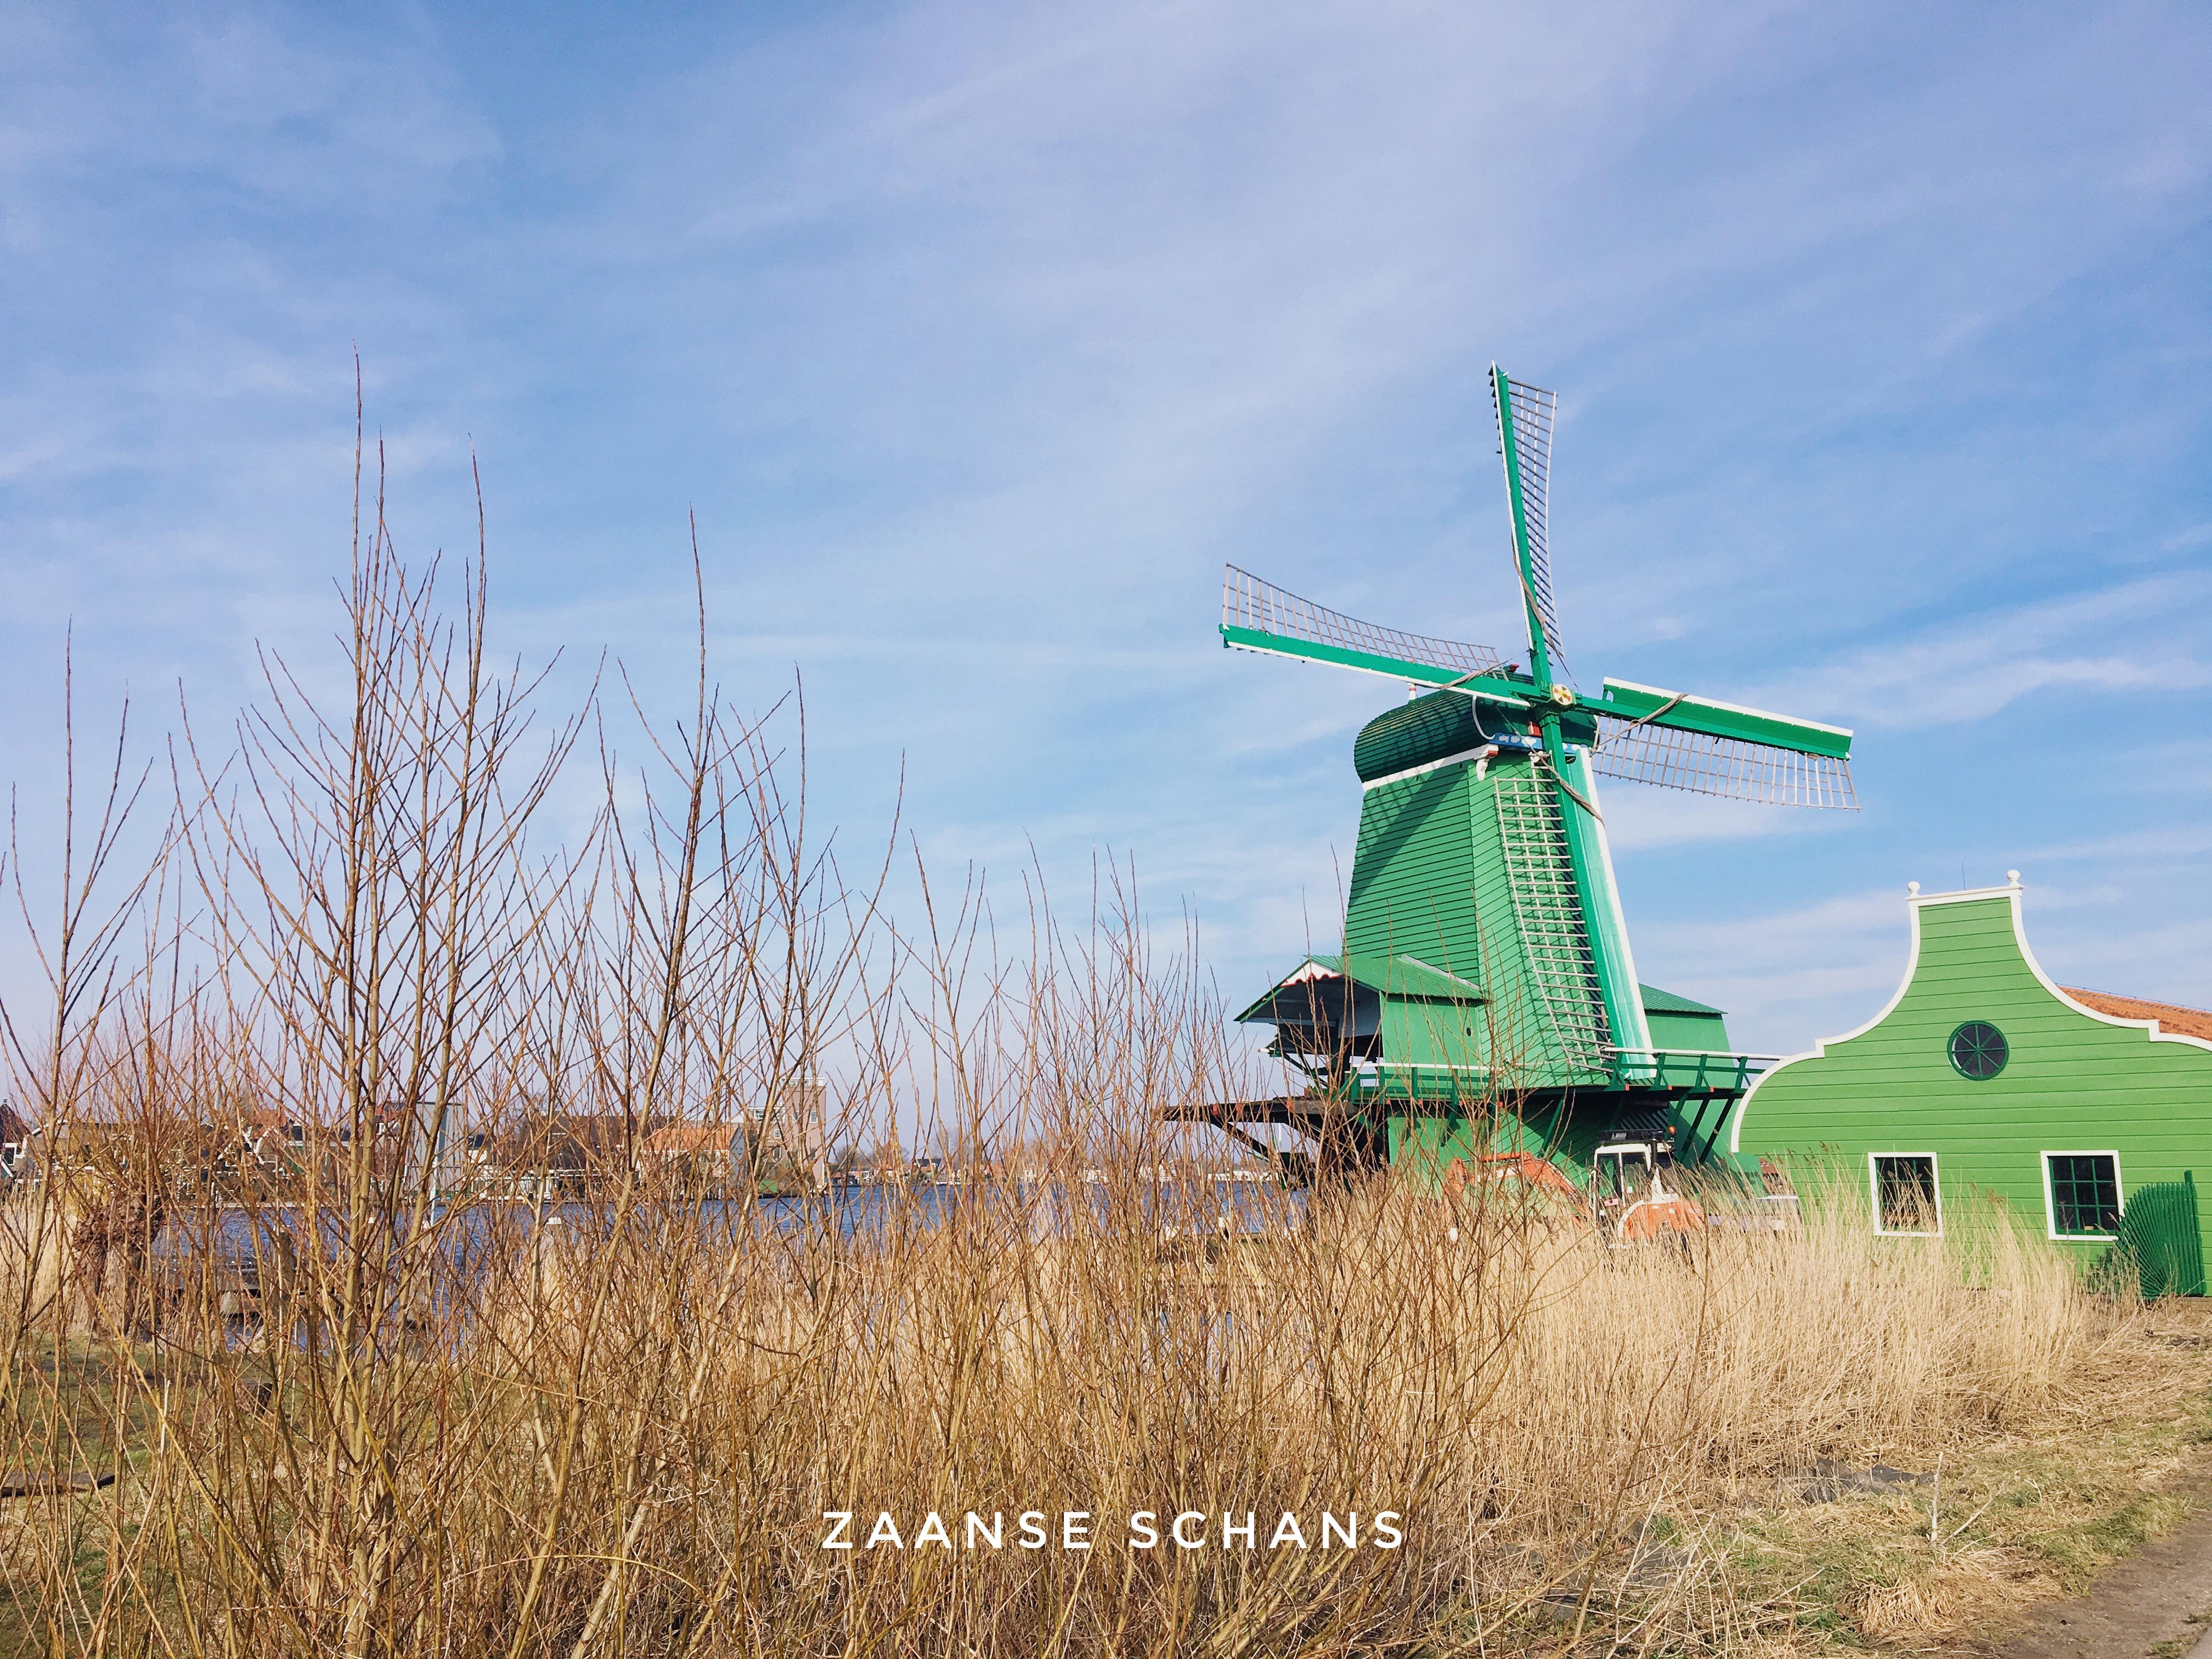 【荷比葡法摩】小情小調小歐遊   抵達阿姆斯特丹 Arriving in Amsterdam